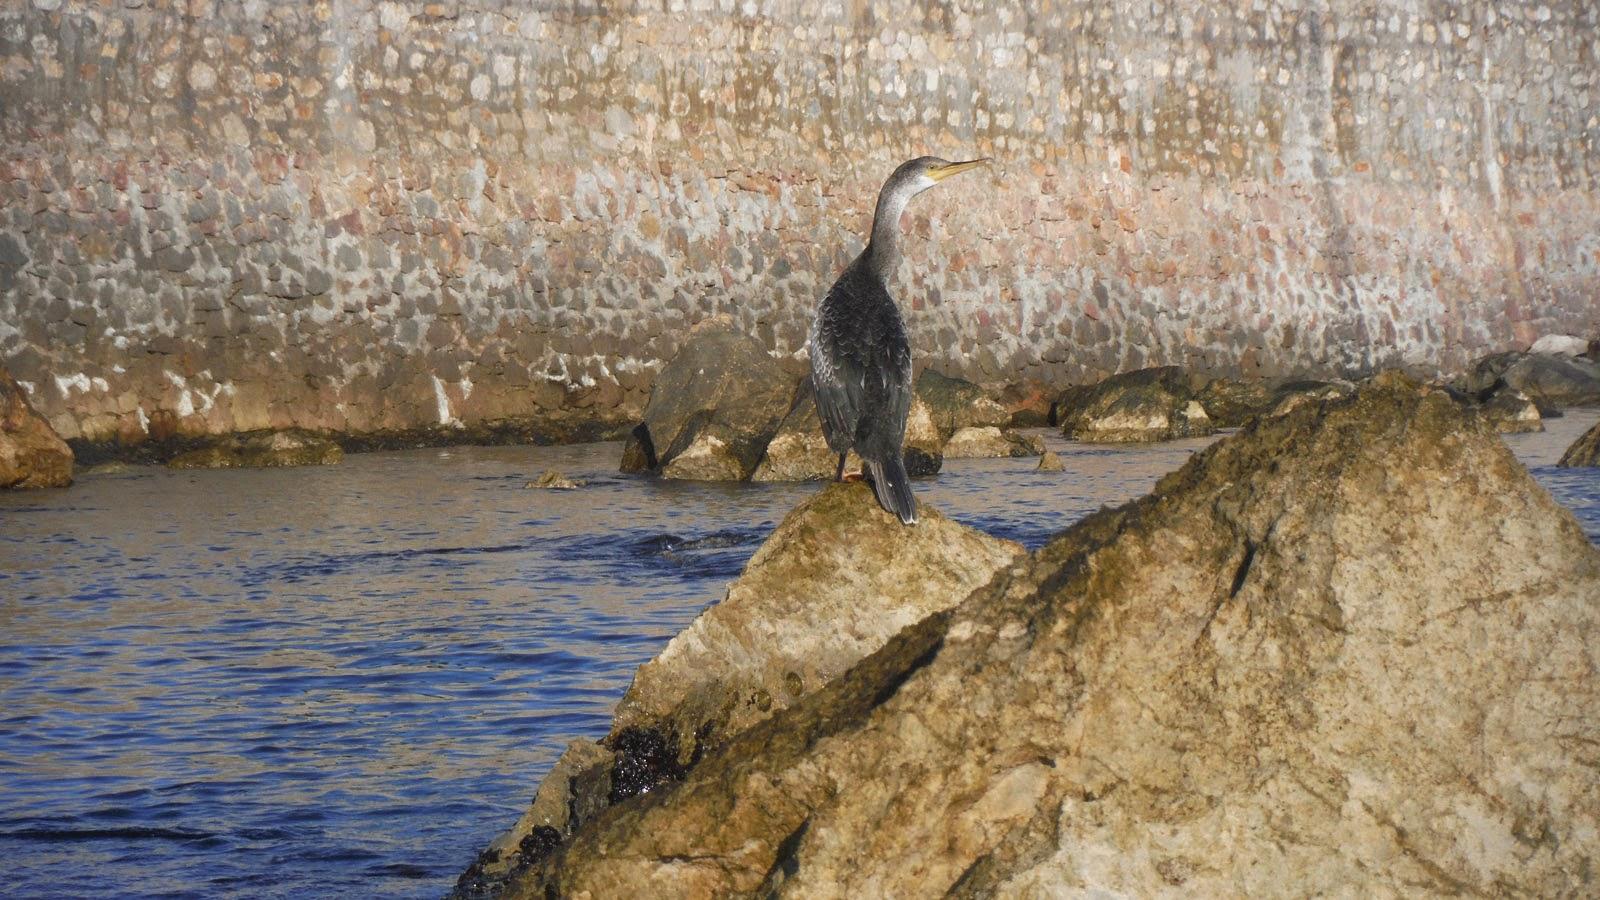 Corb Emplomallat - Pesca i caiac Costa Brava - L'escala